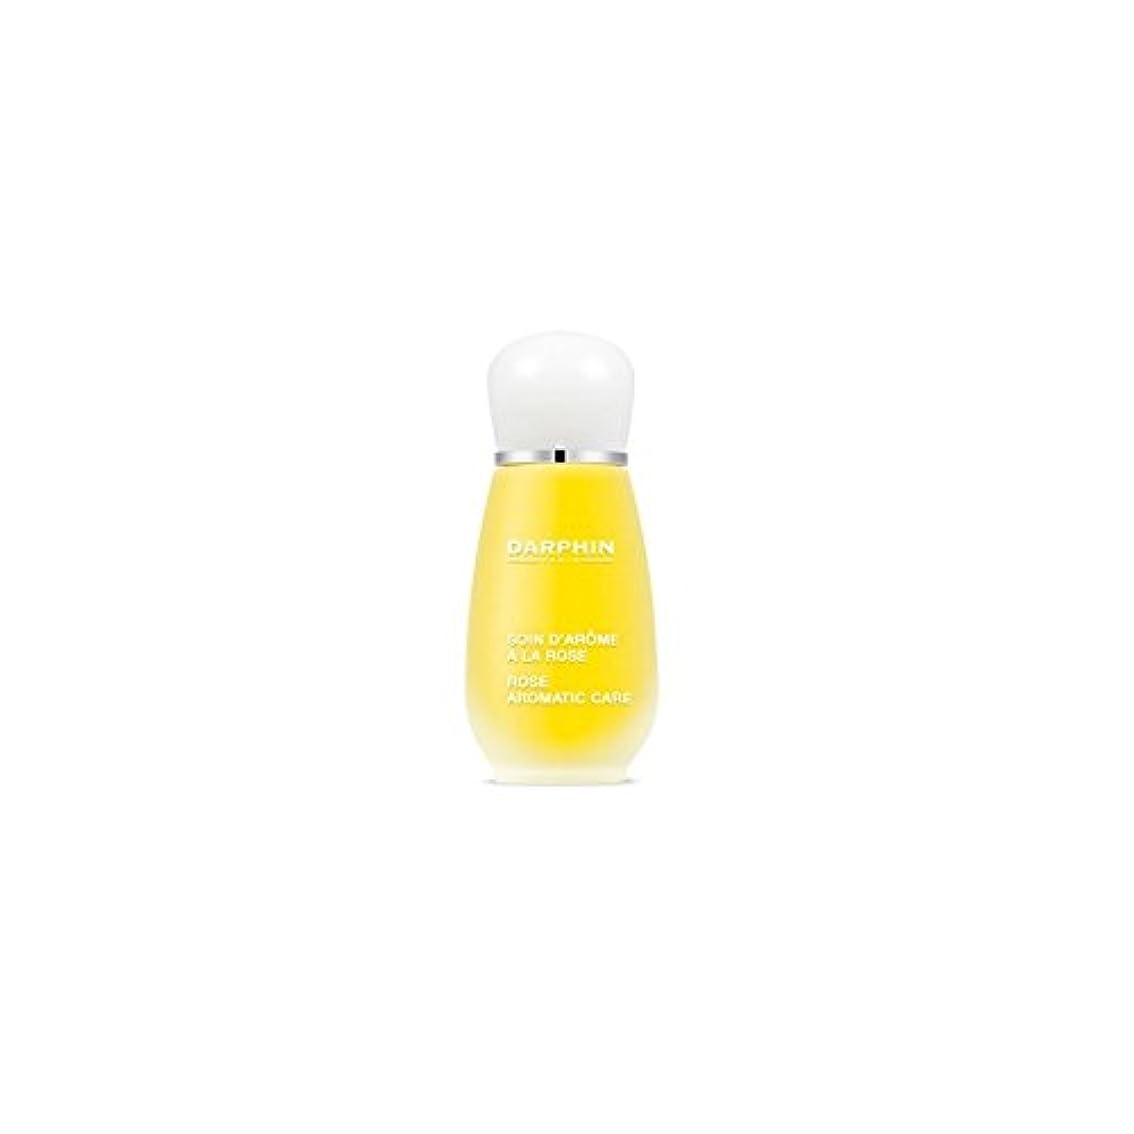 手当プレゼント前投薬Darphin Rose Aromatic Care (15ml) - 芳香ケア(15ミリリットル)をバラダルファン [並行輸入品]